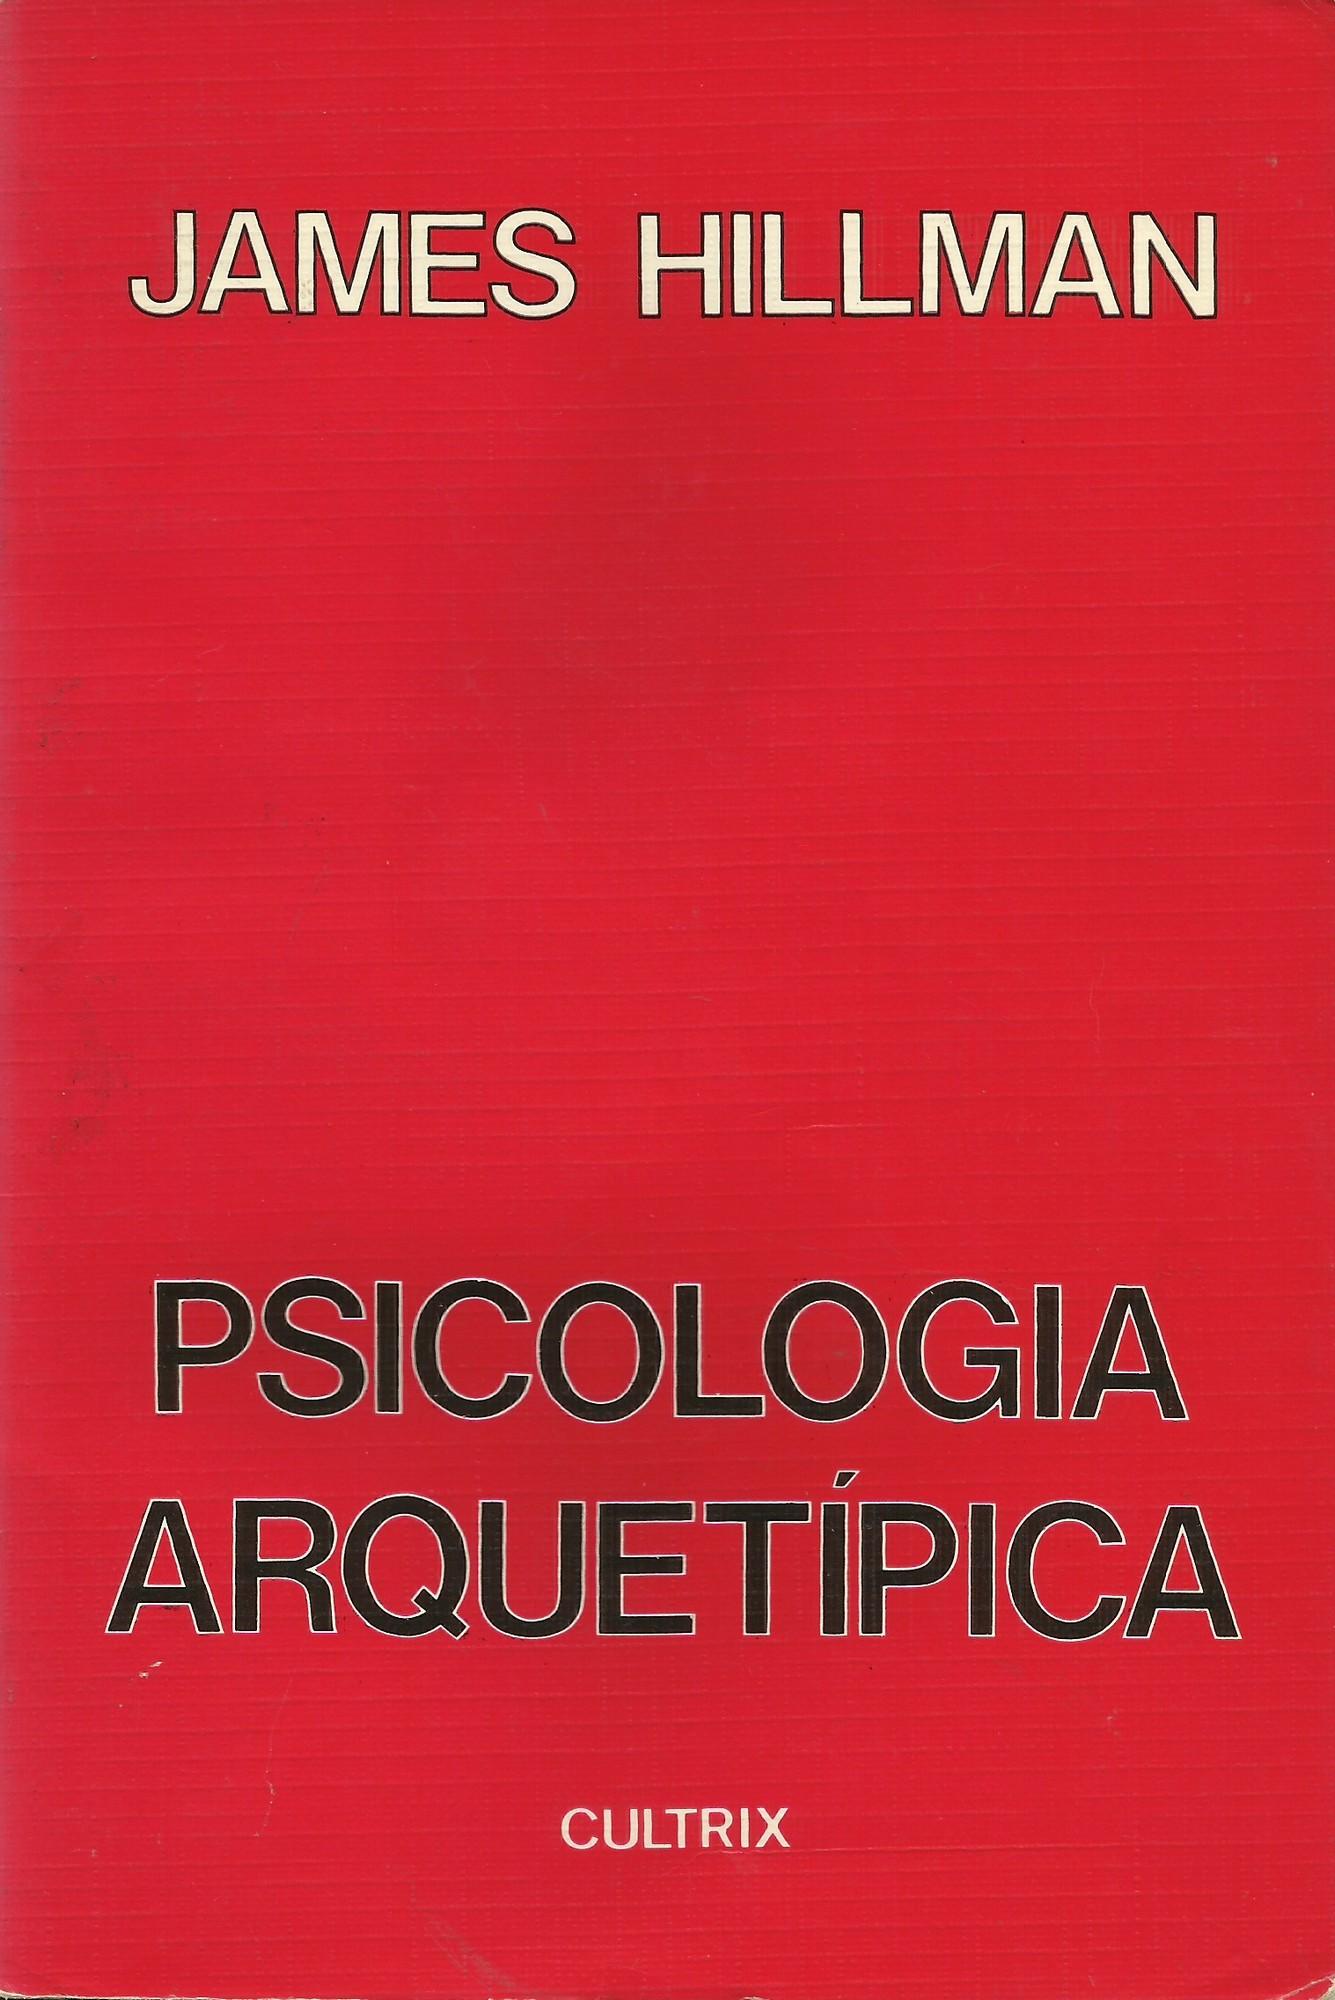 Psicologia  Arquetípica